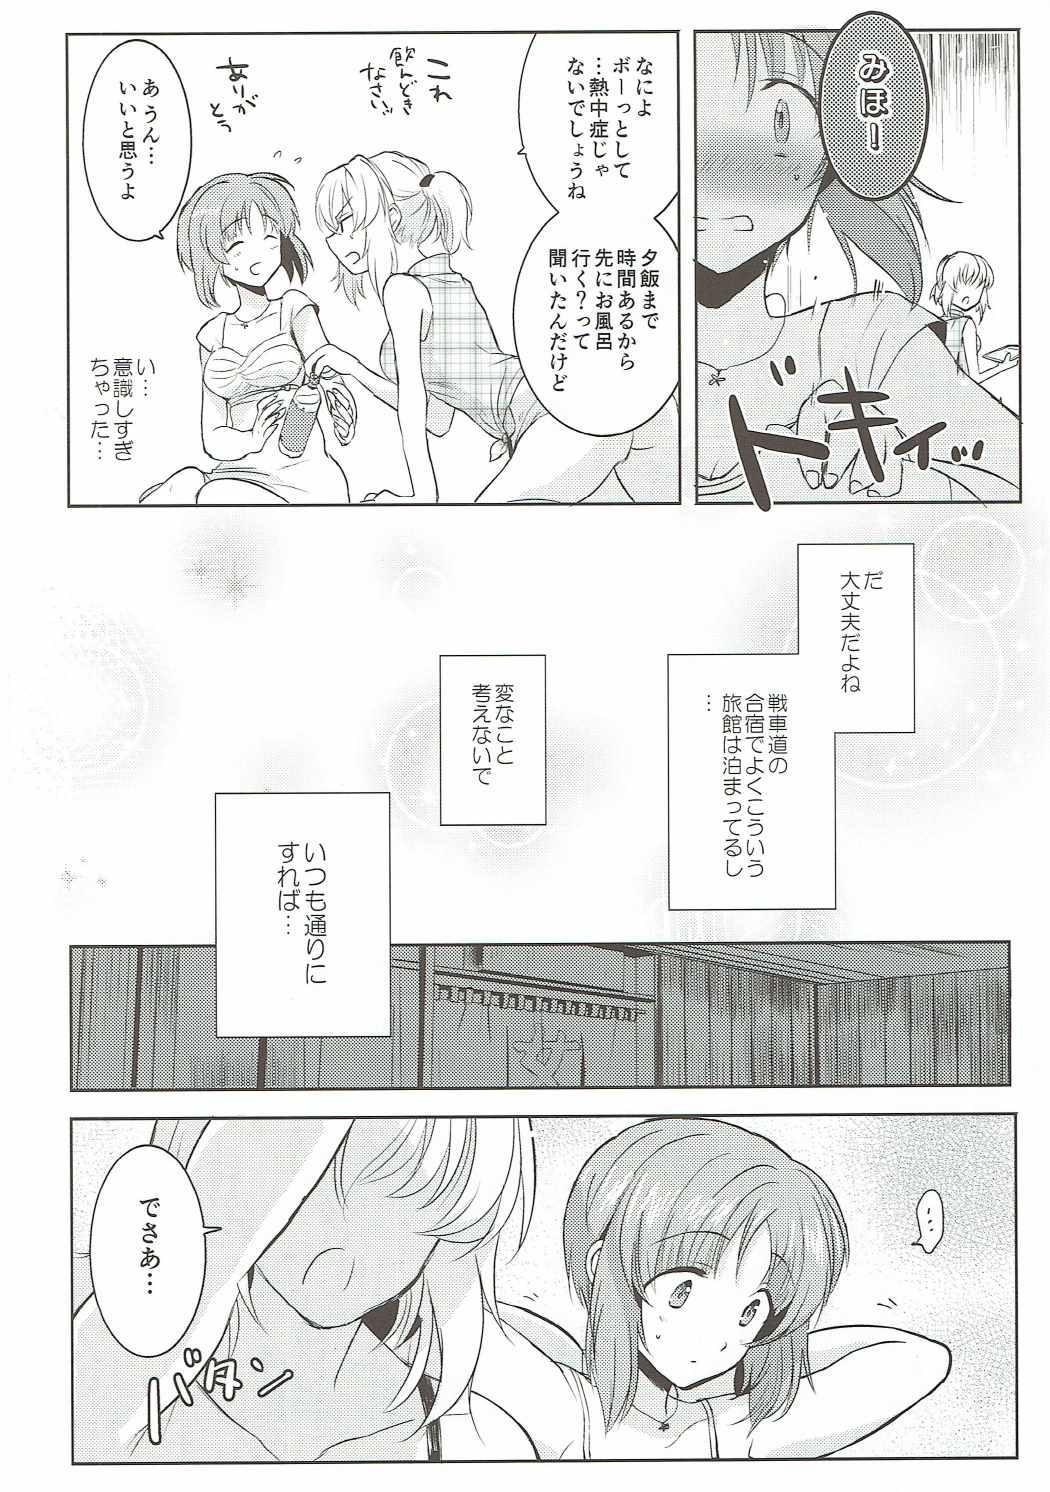 Futarikiri no Natsu 6